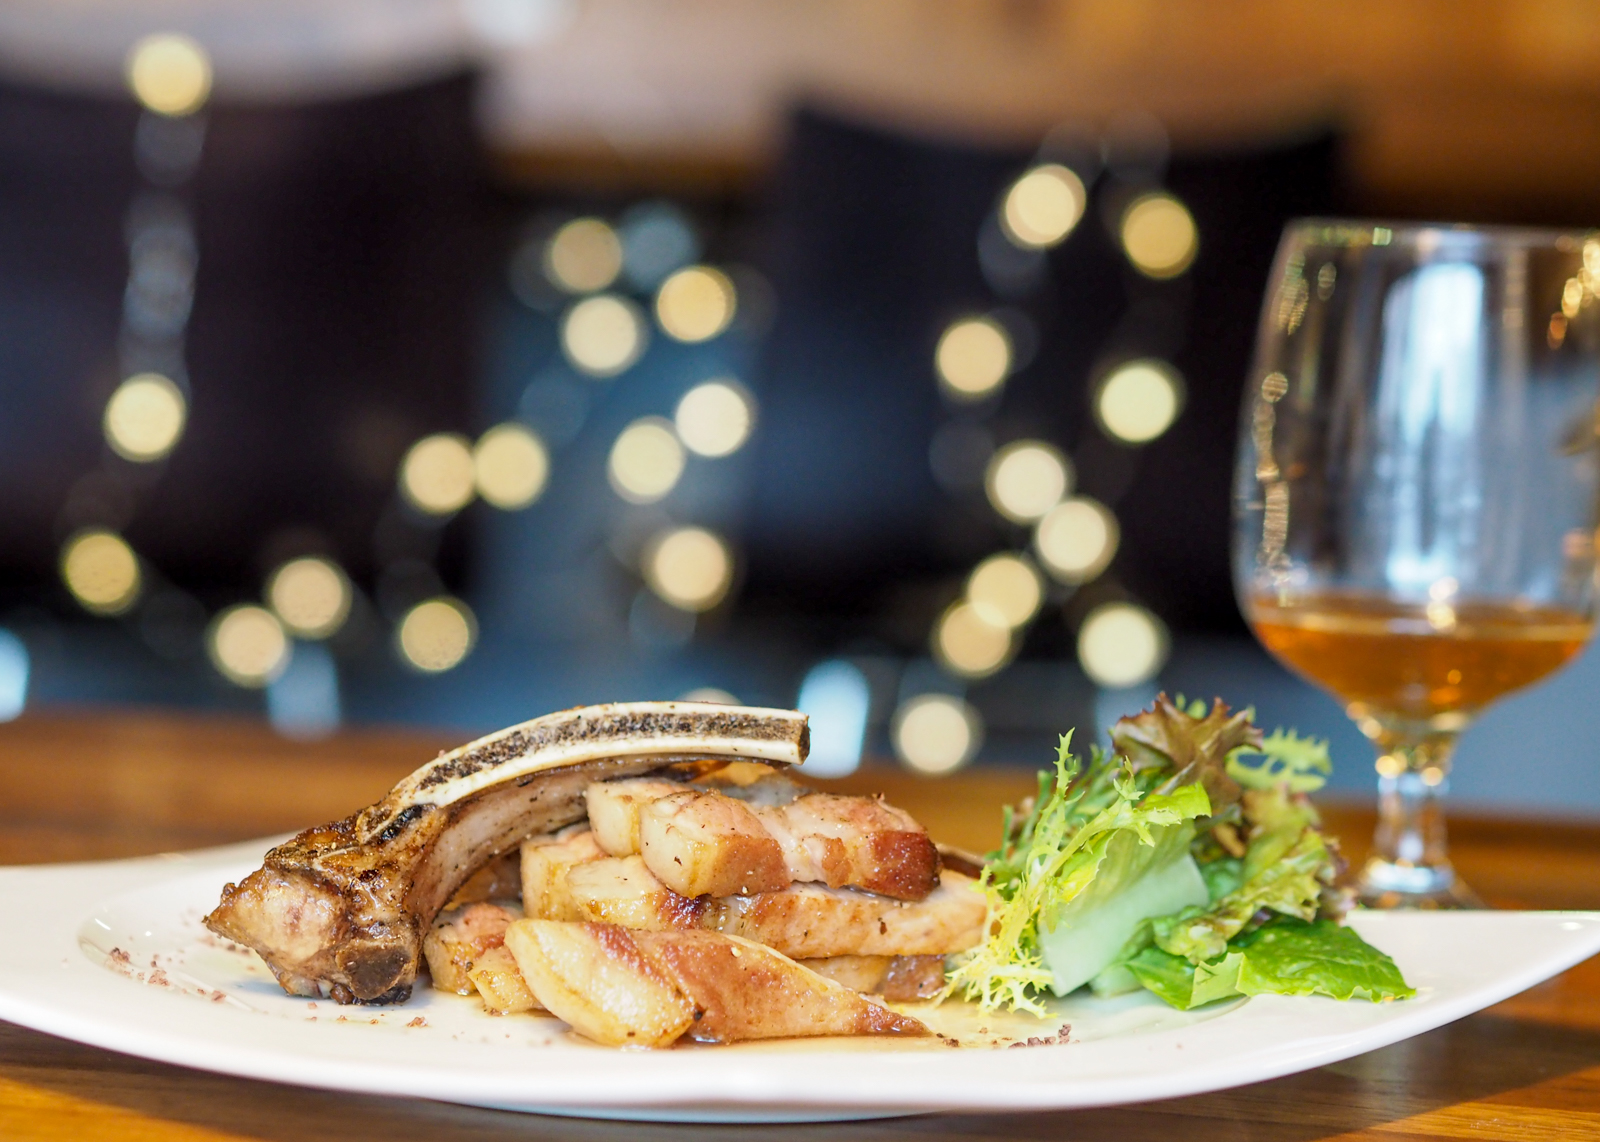 【中山區美食】兔卡蕾餐酒館 OSTERIA TOCCARE 限定四天的雙人聖誕餐超豐盛又美味